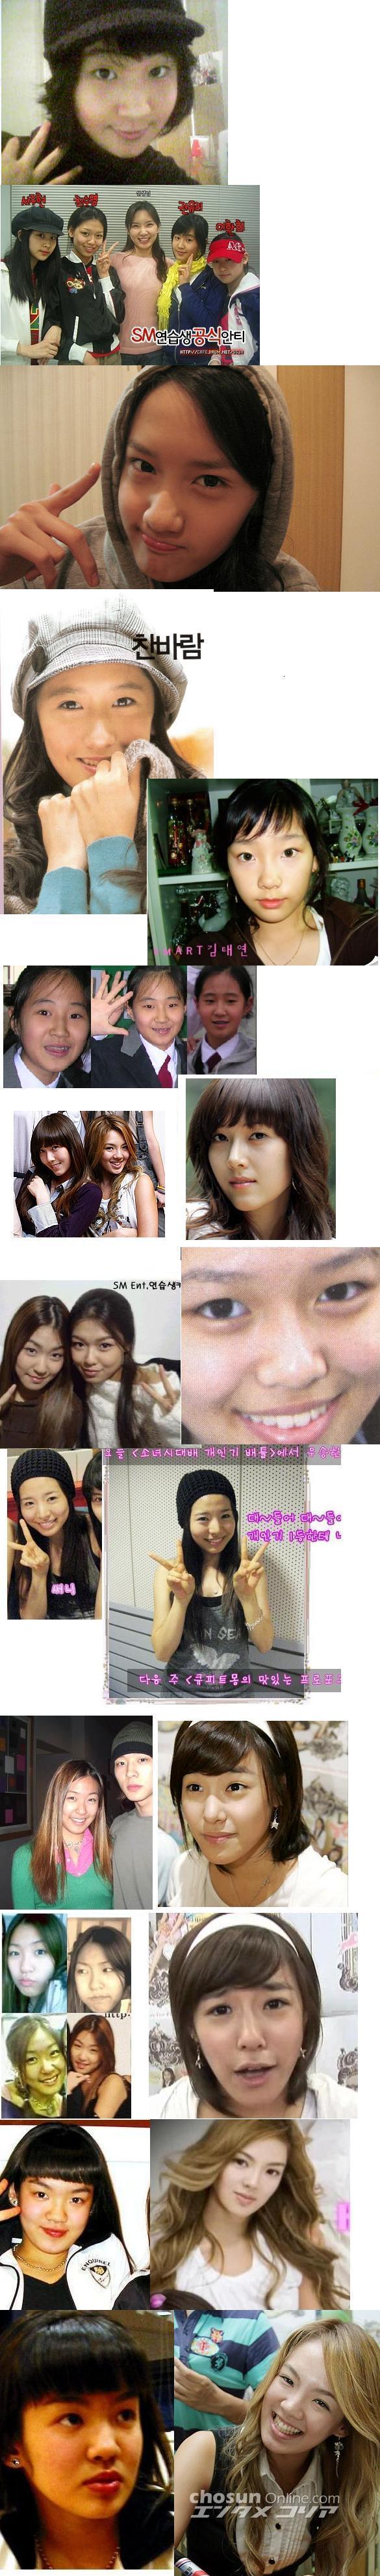 少女時代 過去 整形_f0158064_23323450.jpg